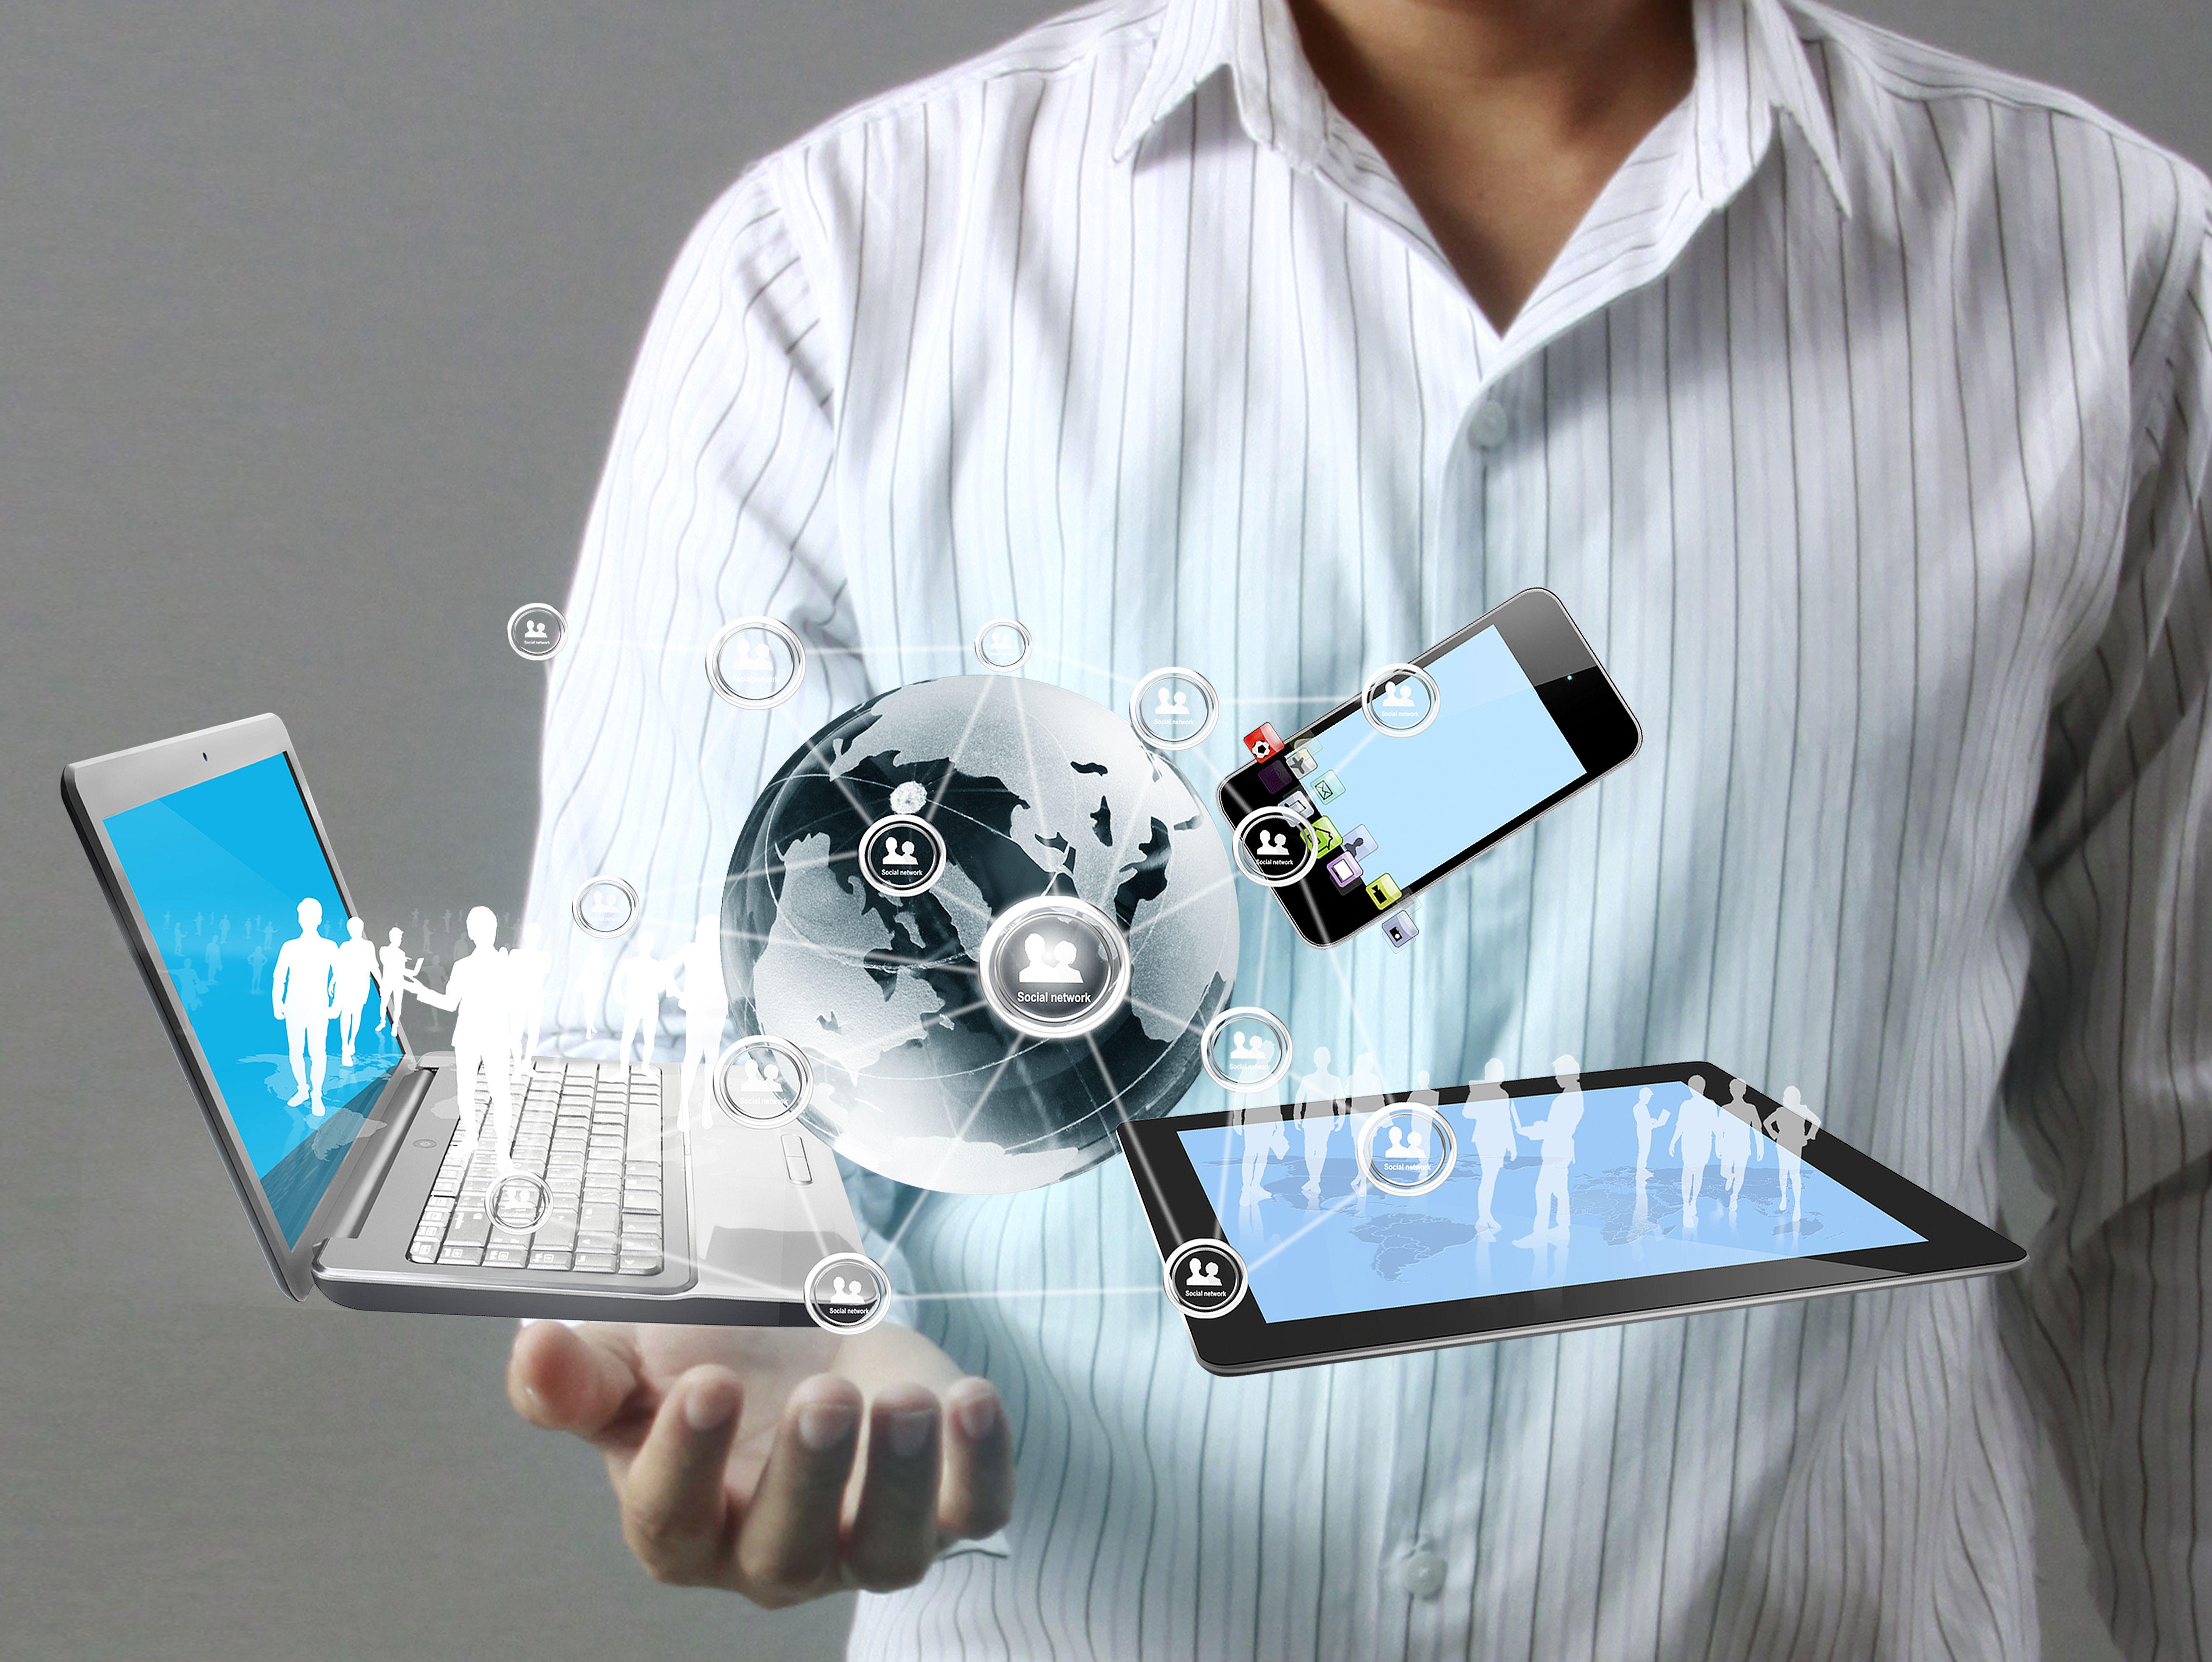 Servicio técnico de informática y telefonía: Servicios de Tres Móvil Informática